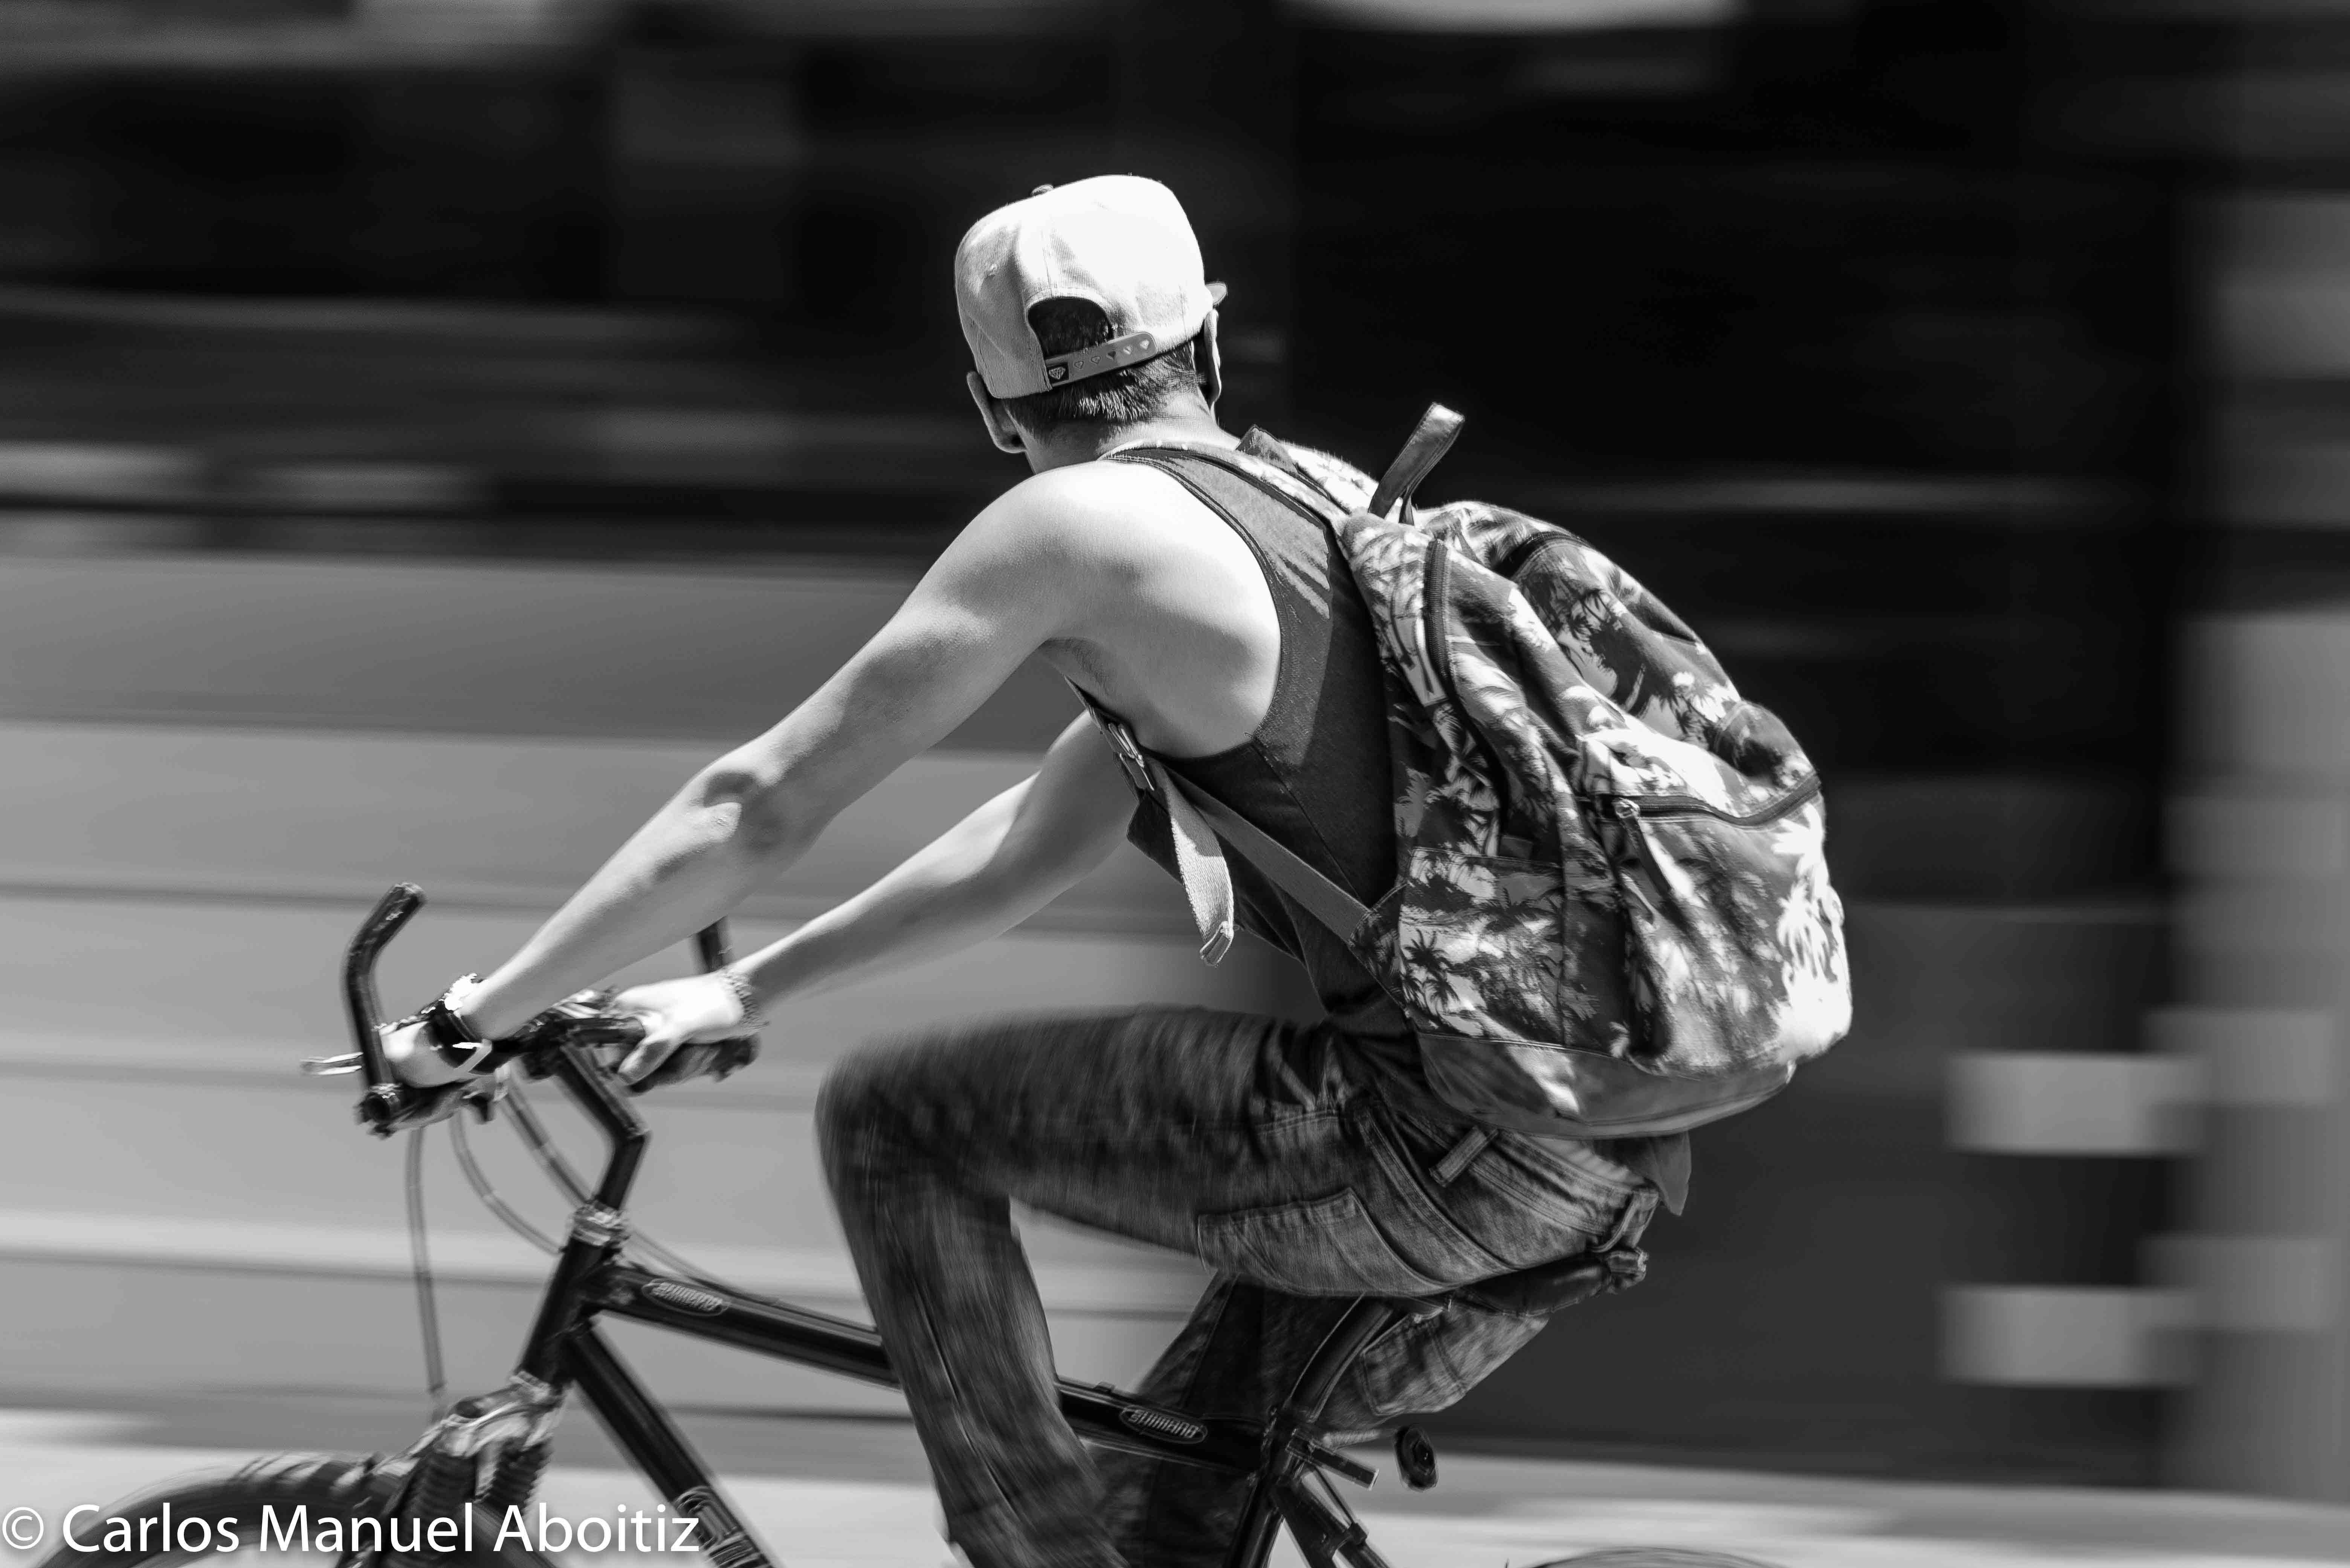 Bicicleta en Reforma